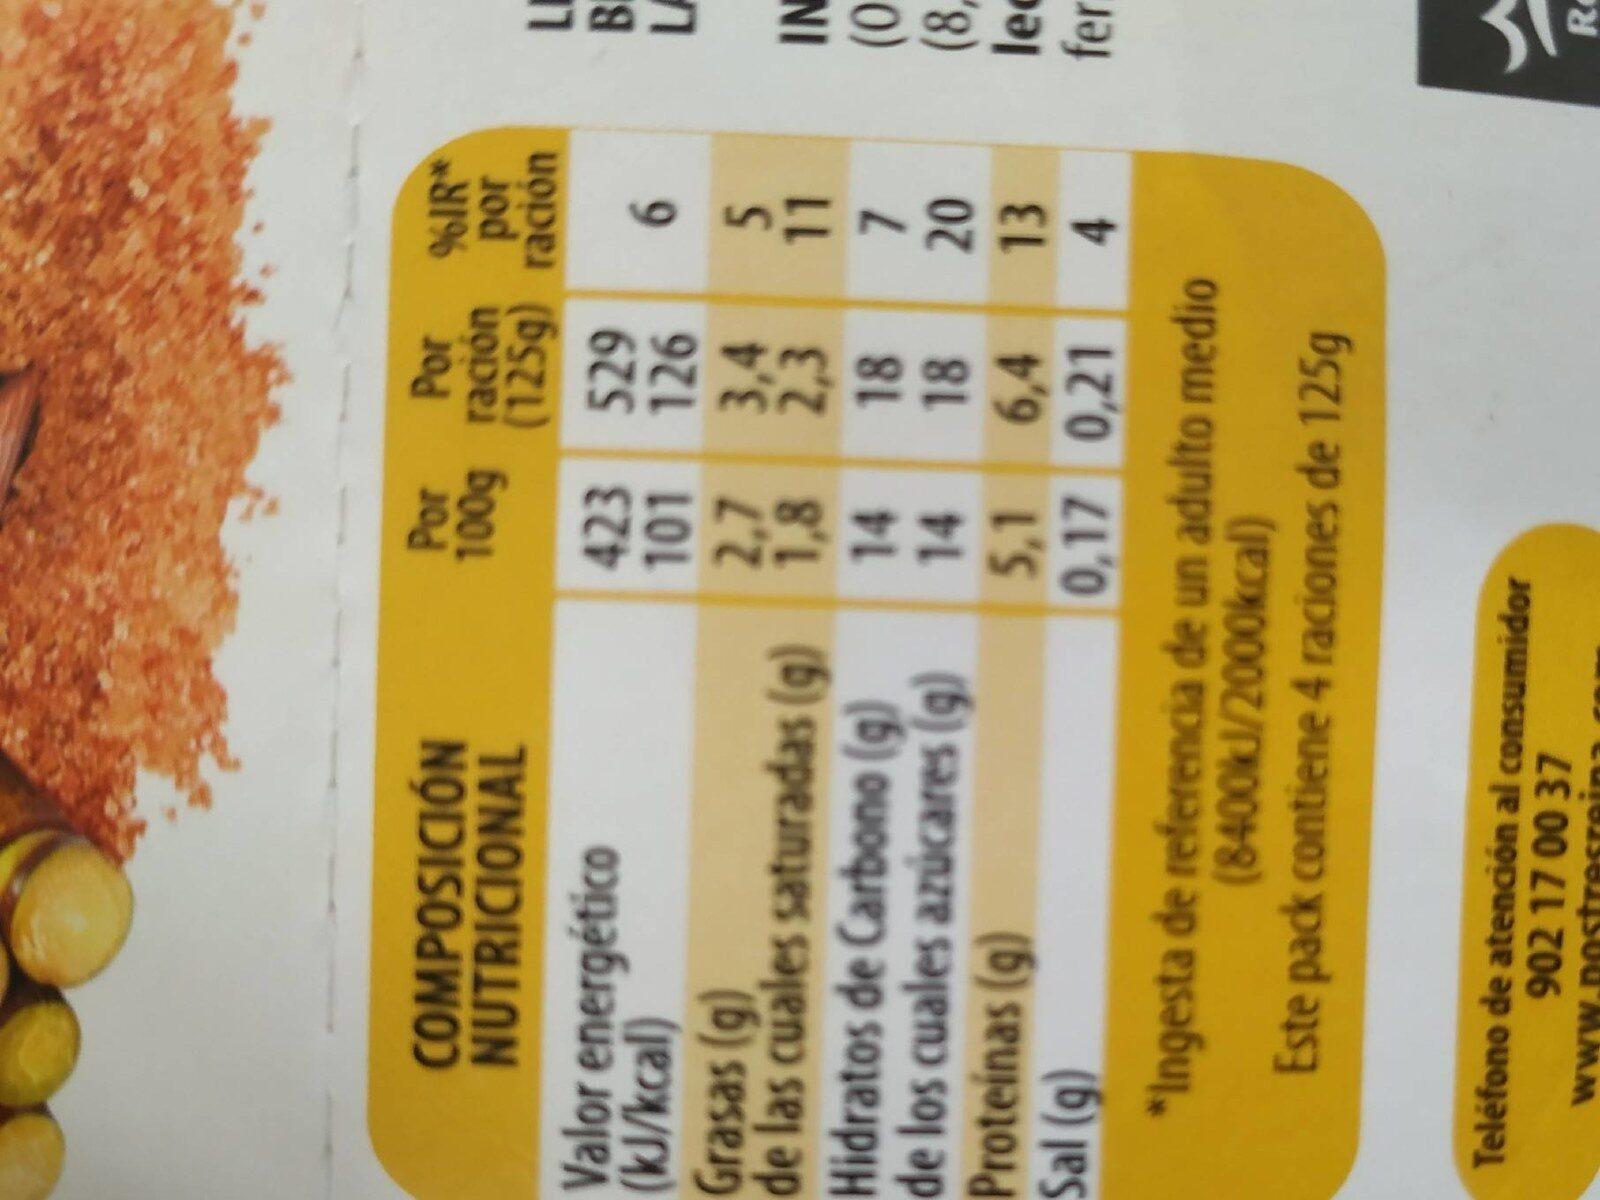 Bifidus cremoso - Información nutricional - es